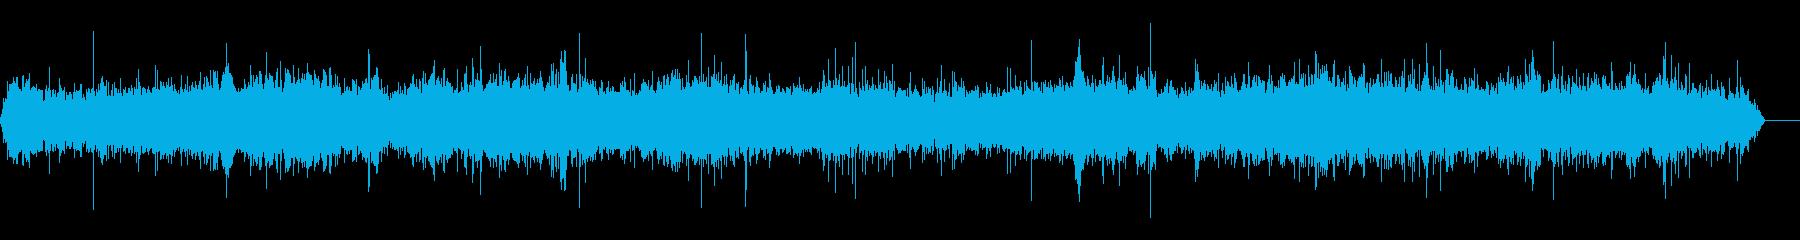 野菜市場、声の再生済みの波形